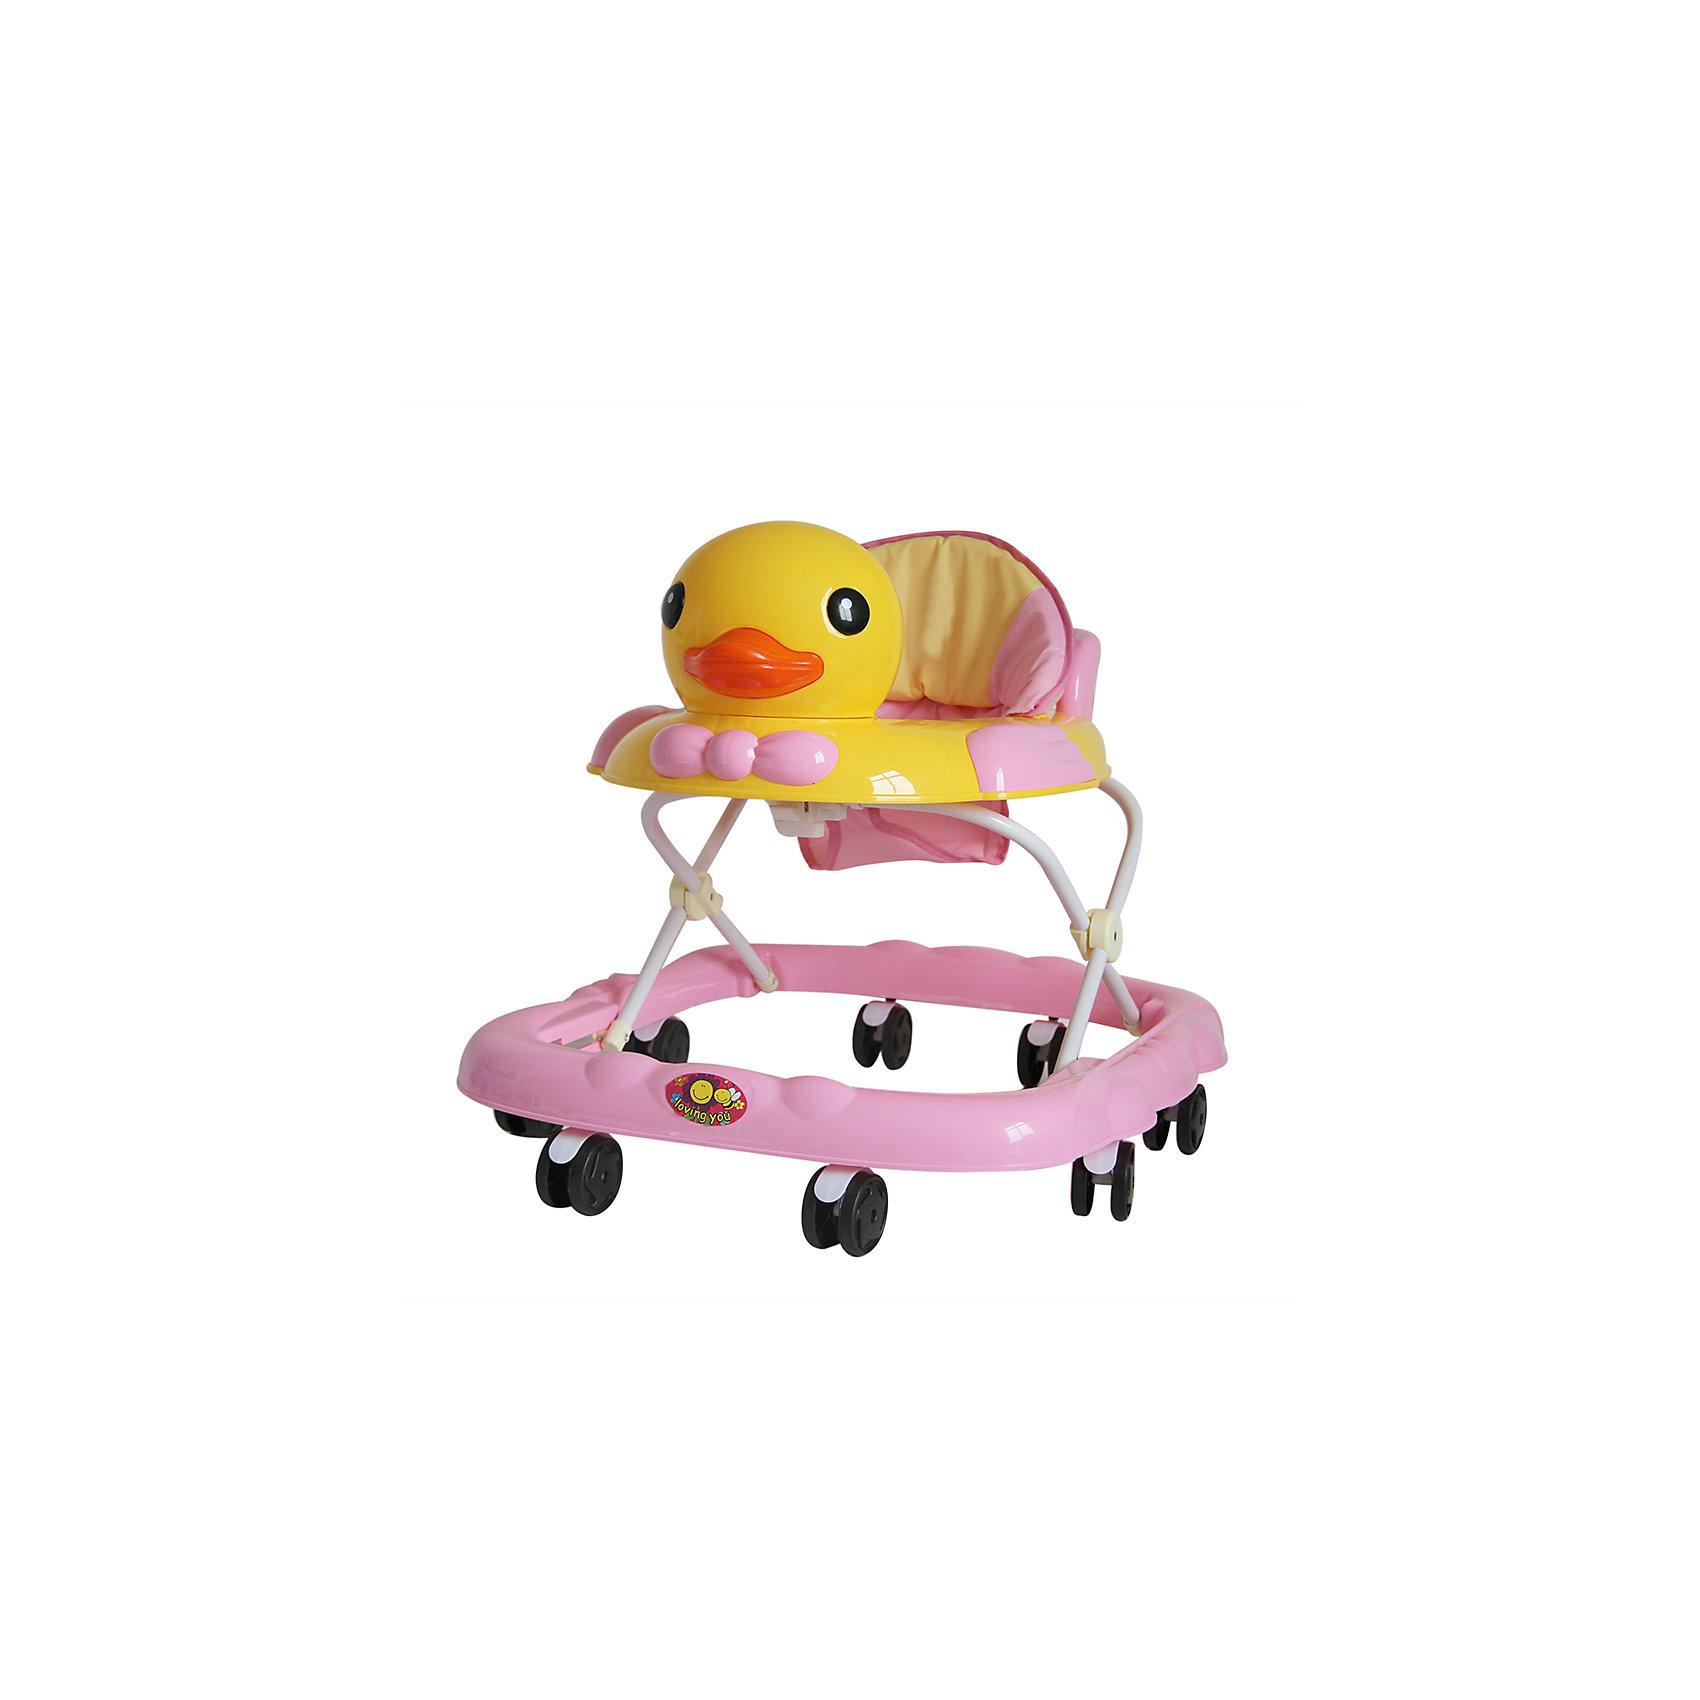 Ходунки Утка, Shine Ring, розовыйХодунки<br>Характеристики товара:<br><br>• цвет: розовый<br>• возраст: от 6 мес.<br>• 8 поворотных колес<br>• съемная игровая панель<br>• музыкальное сопровождение<br>• мягкое сиденье<br>• 3 положения высоты<br>• 2 батарейки типа (AA) (в комплект не входит)<br>• размеры: 71x63x55см<br>• вес: 3,4кг<br>• страна производства: Китай<br><br>Ходунки Shine Ring - это отличное приобретение, которое поможет вашему малышу сделать свои первые шаги. <br><br>Большое количество поворотных колес прекрасно распределят вес малыша. <br><br>Широкое основание придает отличную устойчивость, что обезопасит вашего ребенка. <br><br>Съемная игровая панель сможет развить мелкую моторику. <br><br>Приятное мягкое сидение прочно крепится к раме и не будет доставлять дискомфорт во время использования.<br><br>Ходунки Утка, Shine Ring можно купить в нашем интернет-магазине.<br><br>Ширина мм: 670<br>Глубина мм: 600<br>Высота мм: 510<br>Вес г: 3710<br>Возраст от месяцев: 6<br>Возраст до месяцев: 12<br>Пол: Женский<br>Возраст: Детский<br>SKU: 5559210